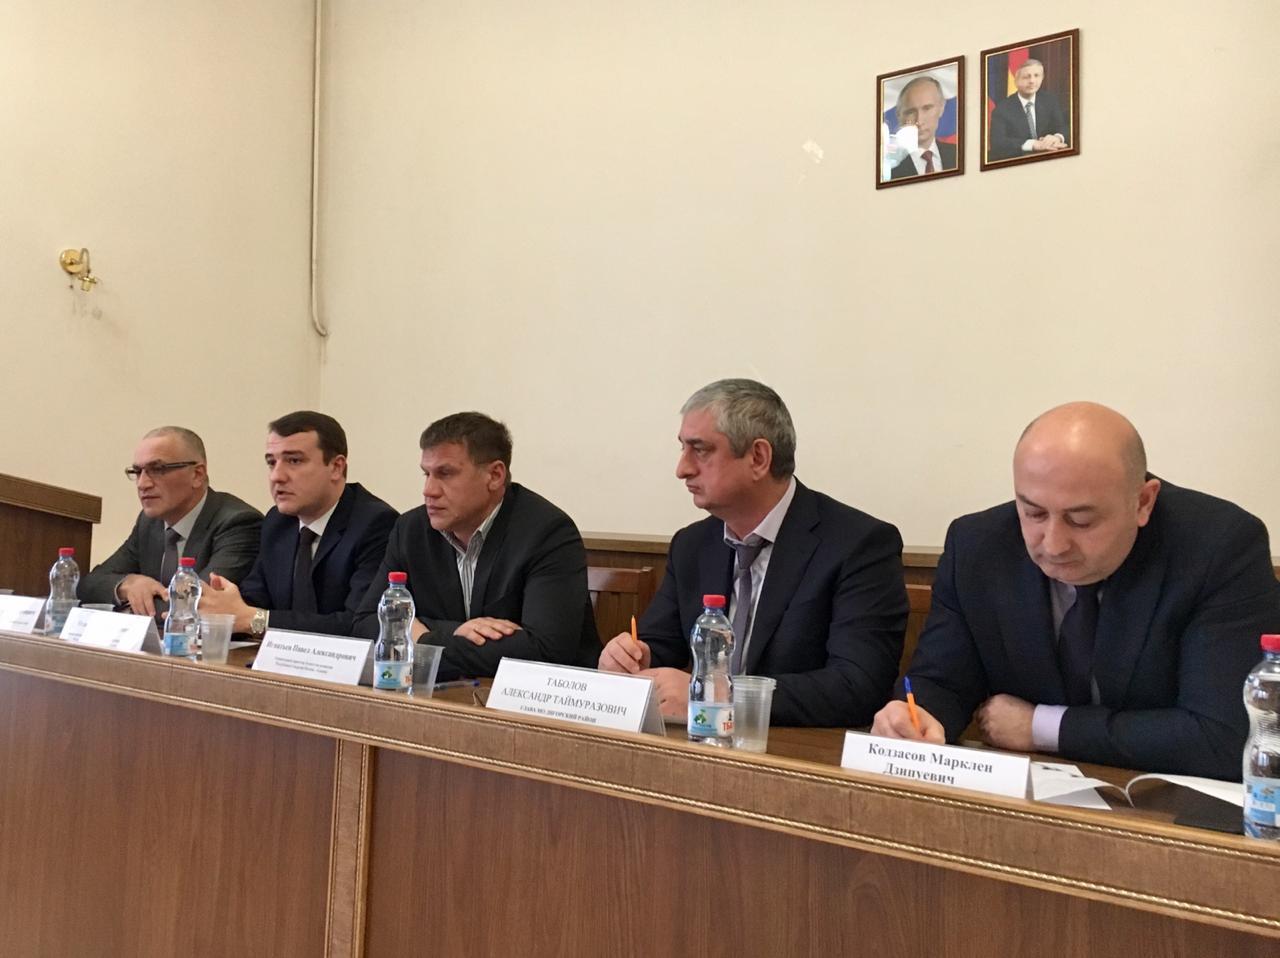 21 января 2019 г. прошёл Совет по предпринимательству при Главе муниципального образования Дигорский район Таболове Александре Таймуразовиче, созданный  по поручению Главы Республики Северная Осетия-Алания в 2018 году.